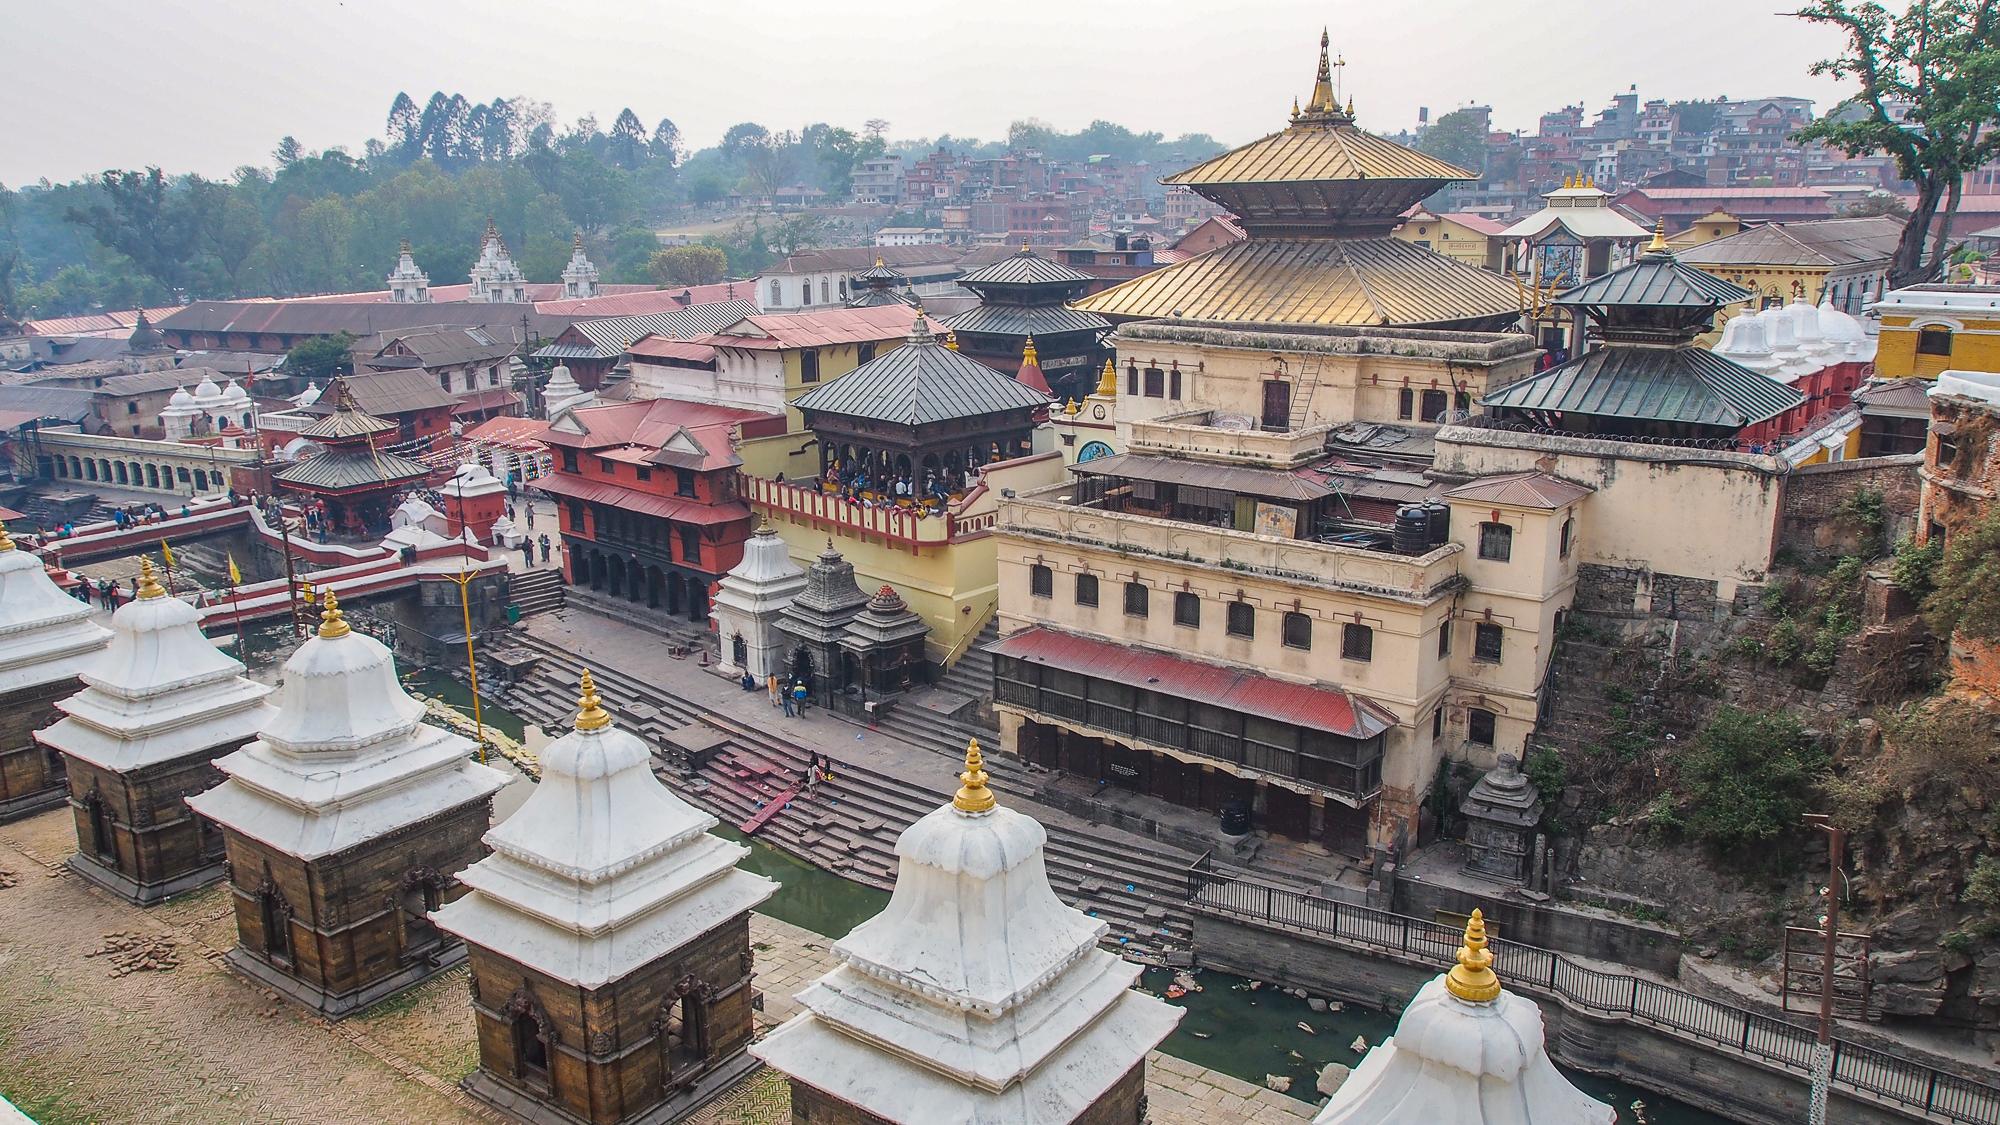 Pashupatinath main temple, Nepal